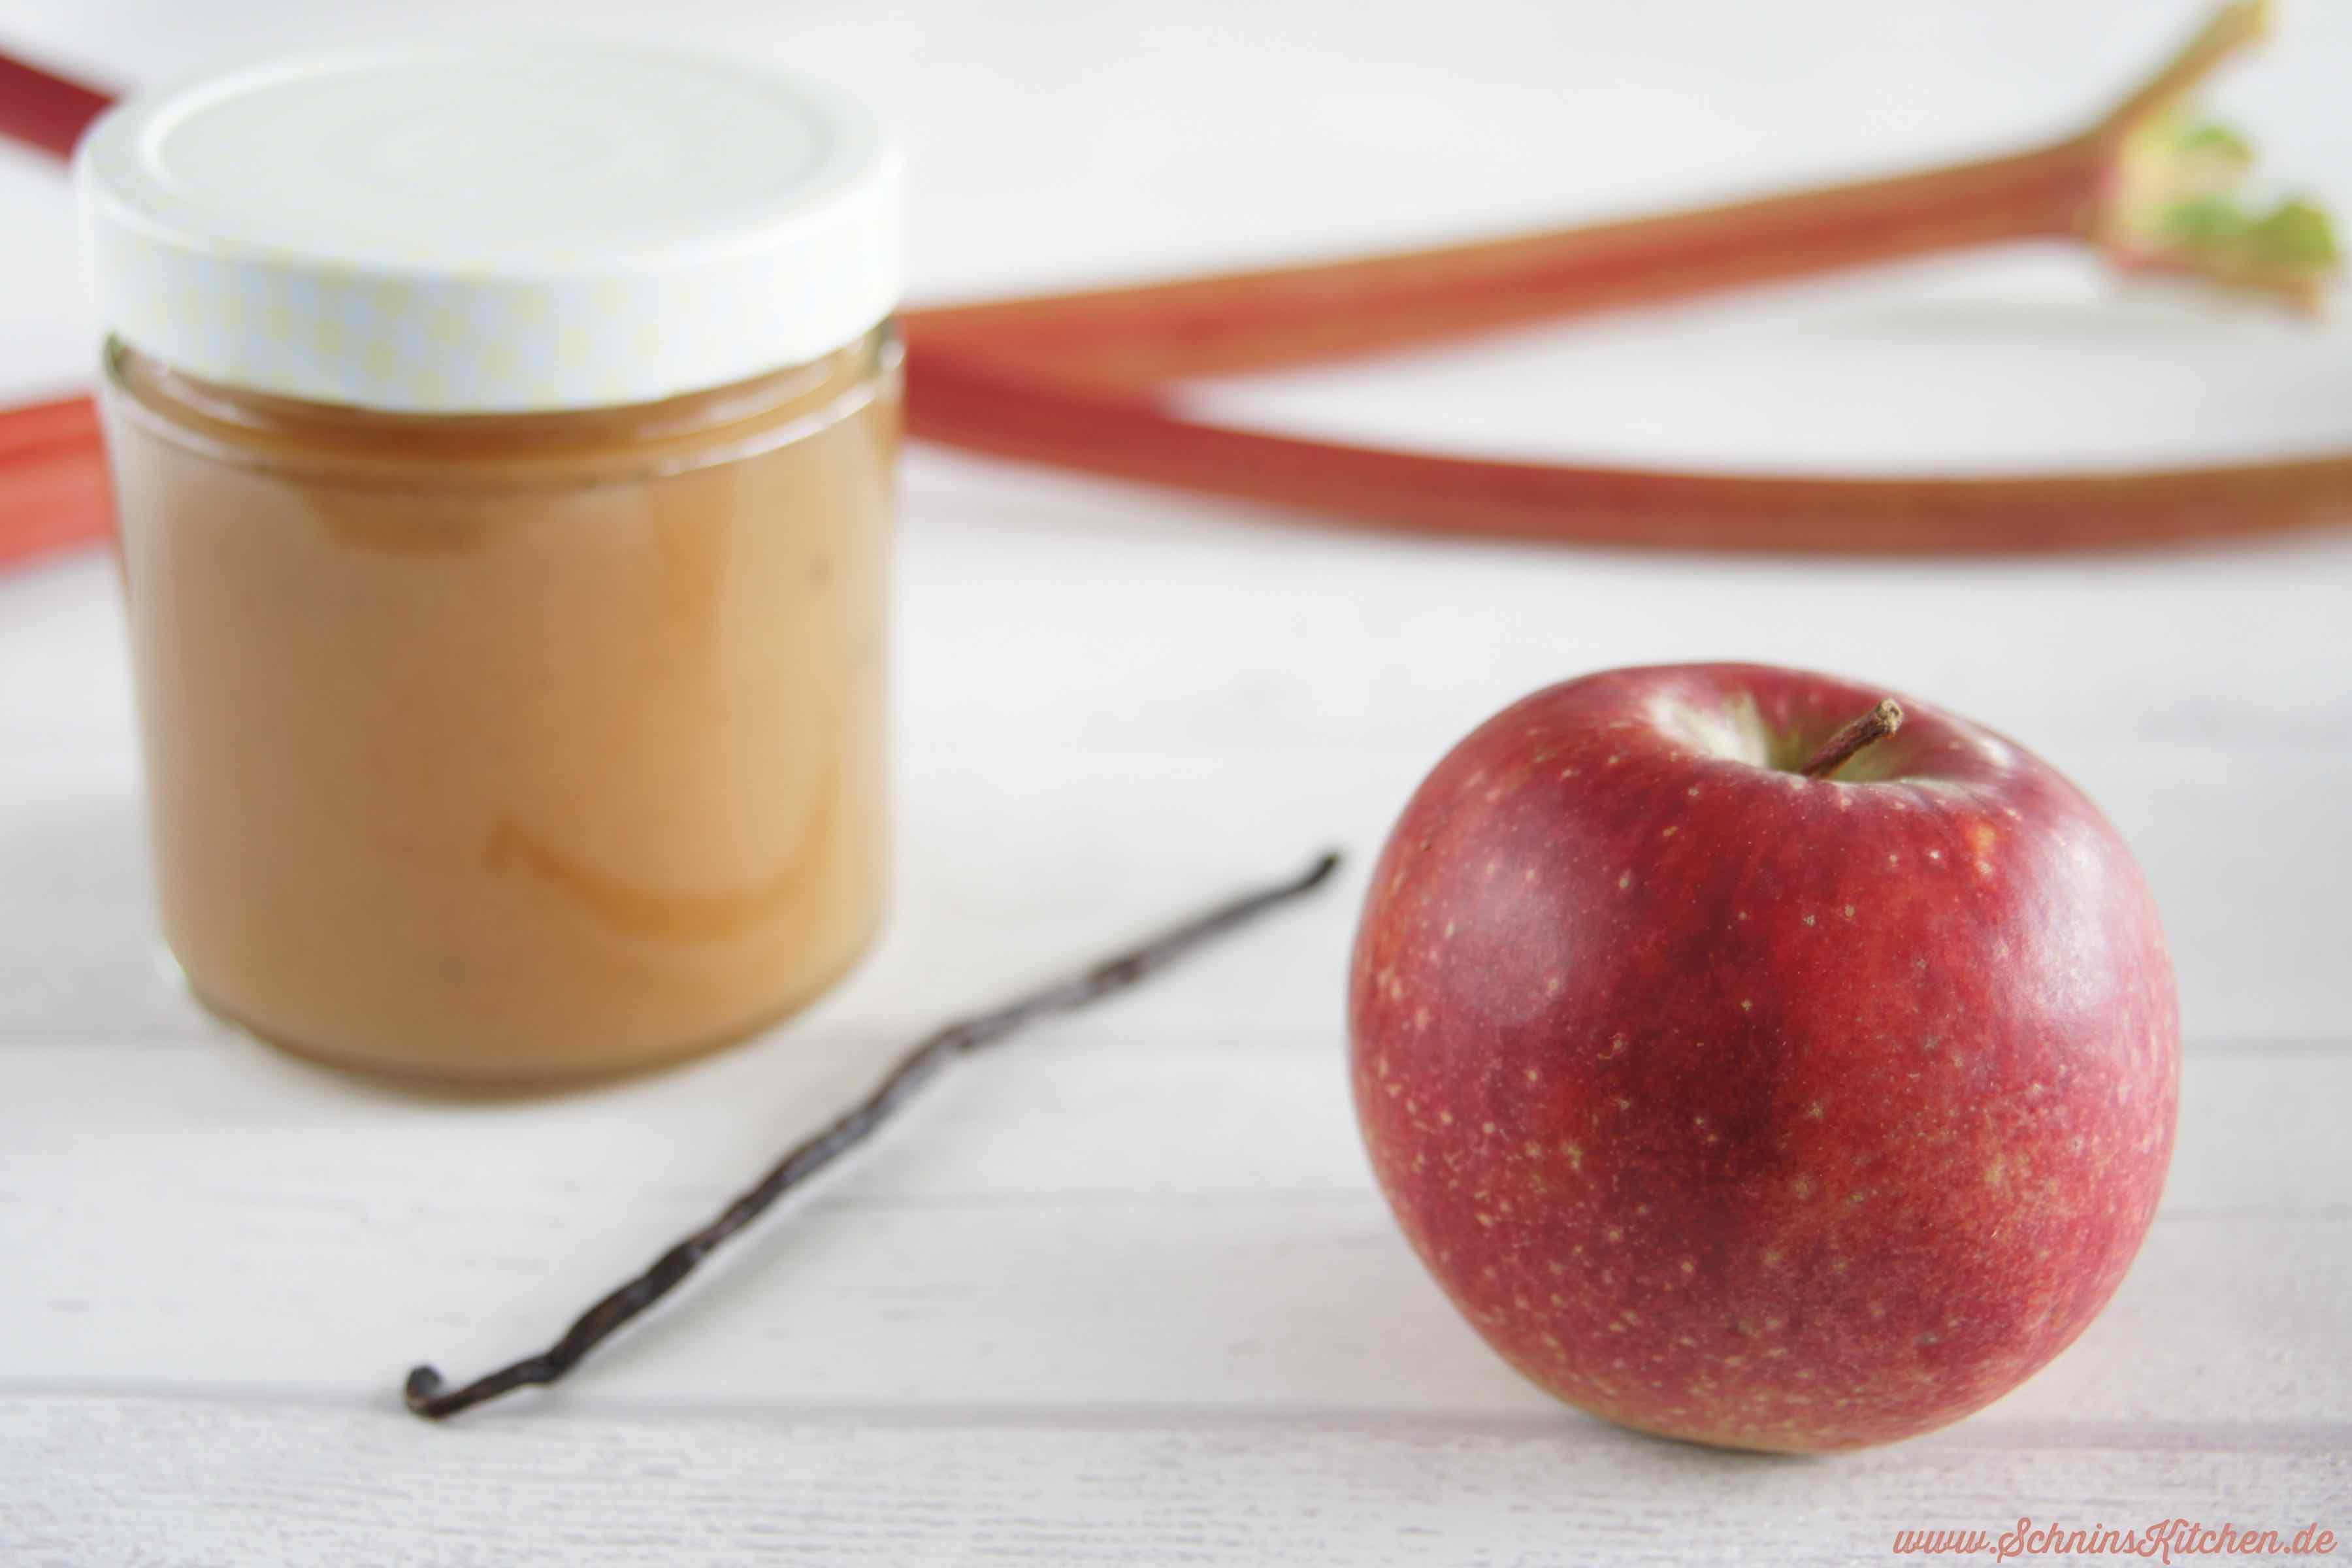 Schnin's Kitchen: Apfel-Rhabarber-Marmelade mit Vanille